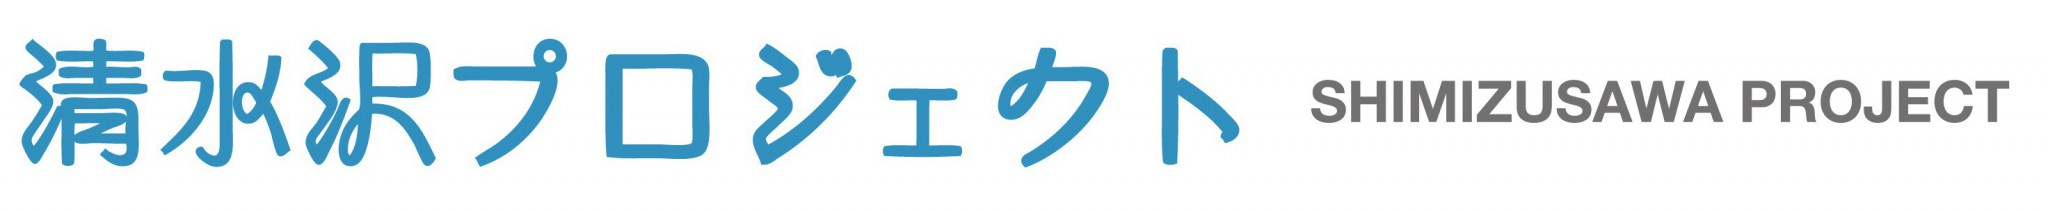 清水沢プロジェクト